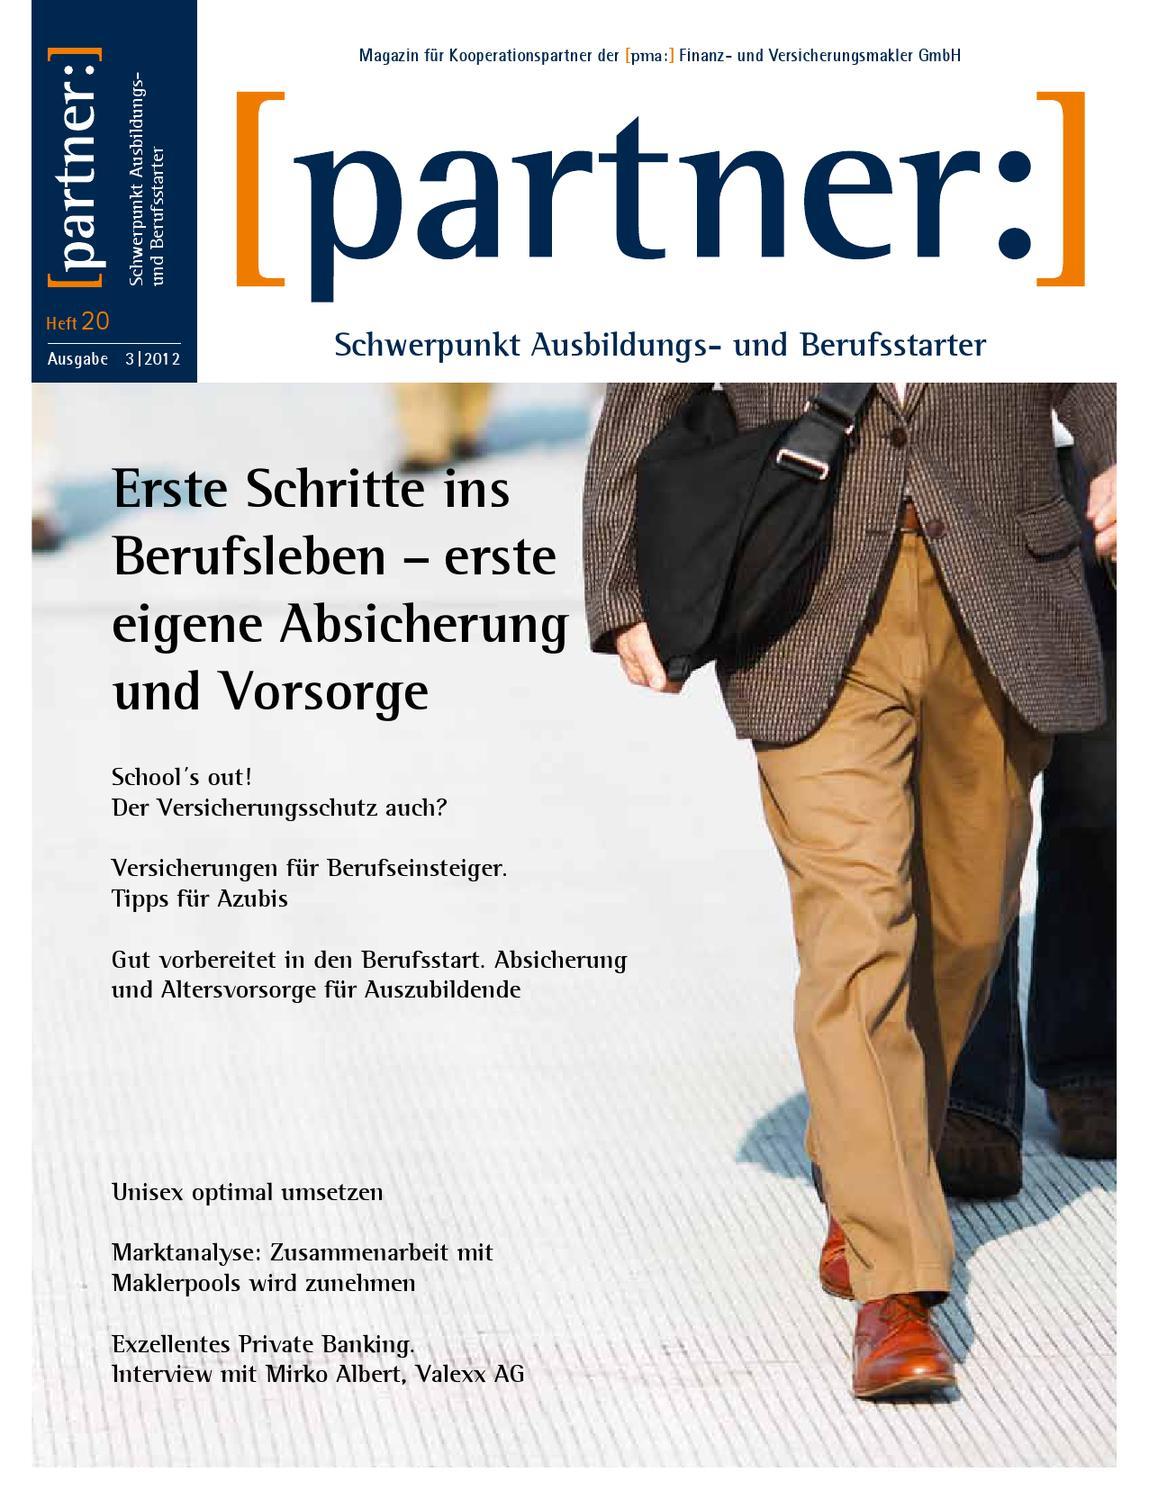 Partnermagazin Nr.20 by [pma:] Finanz- und Versicherungsmakler GmbH ...